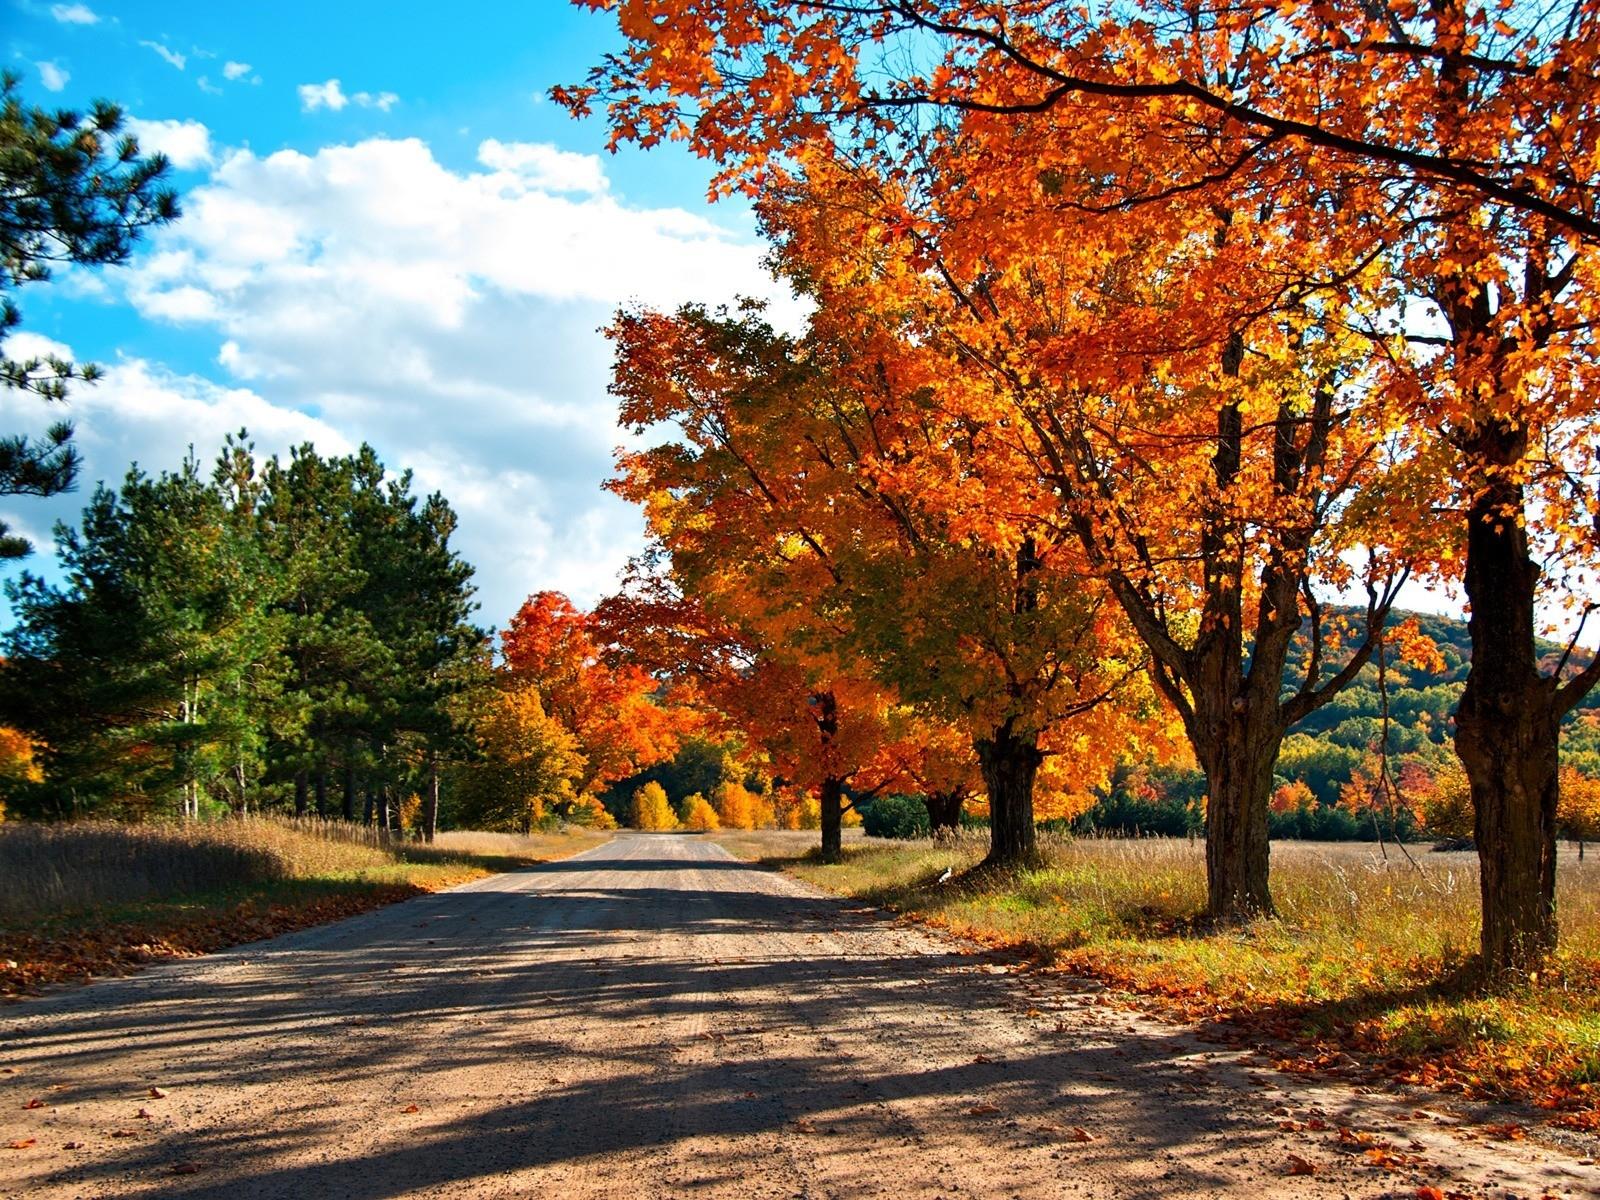 Güneş ışığı Ağaçlar Manzara yapraklar doğa Ot gökyüzü alan yol Şube Sarı akşam Yol Bahar Gölgeler Ağaç sonbahar Yaprak bitki Ormanlık alan Koruluk Bilgisayarın duvar kağıdı Odunsu bitki Ilıman geniş yapraklı ve karışık orman yaprak döken akçaağaç